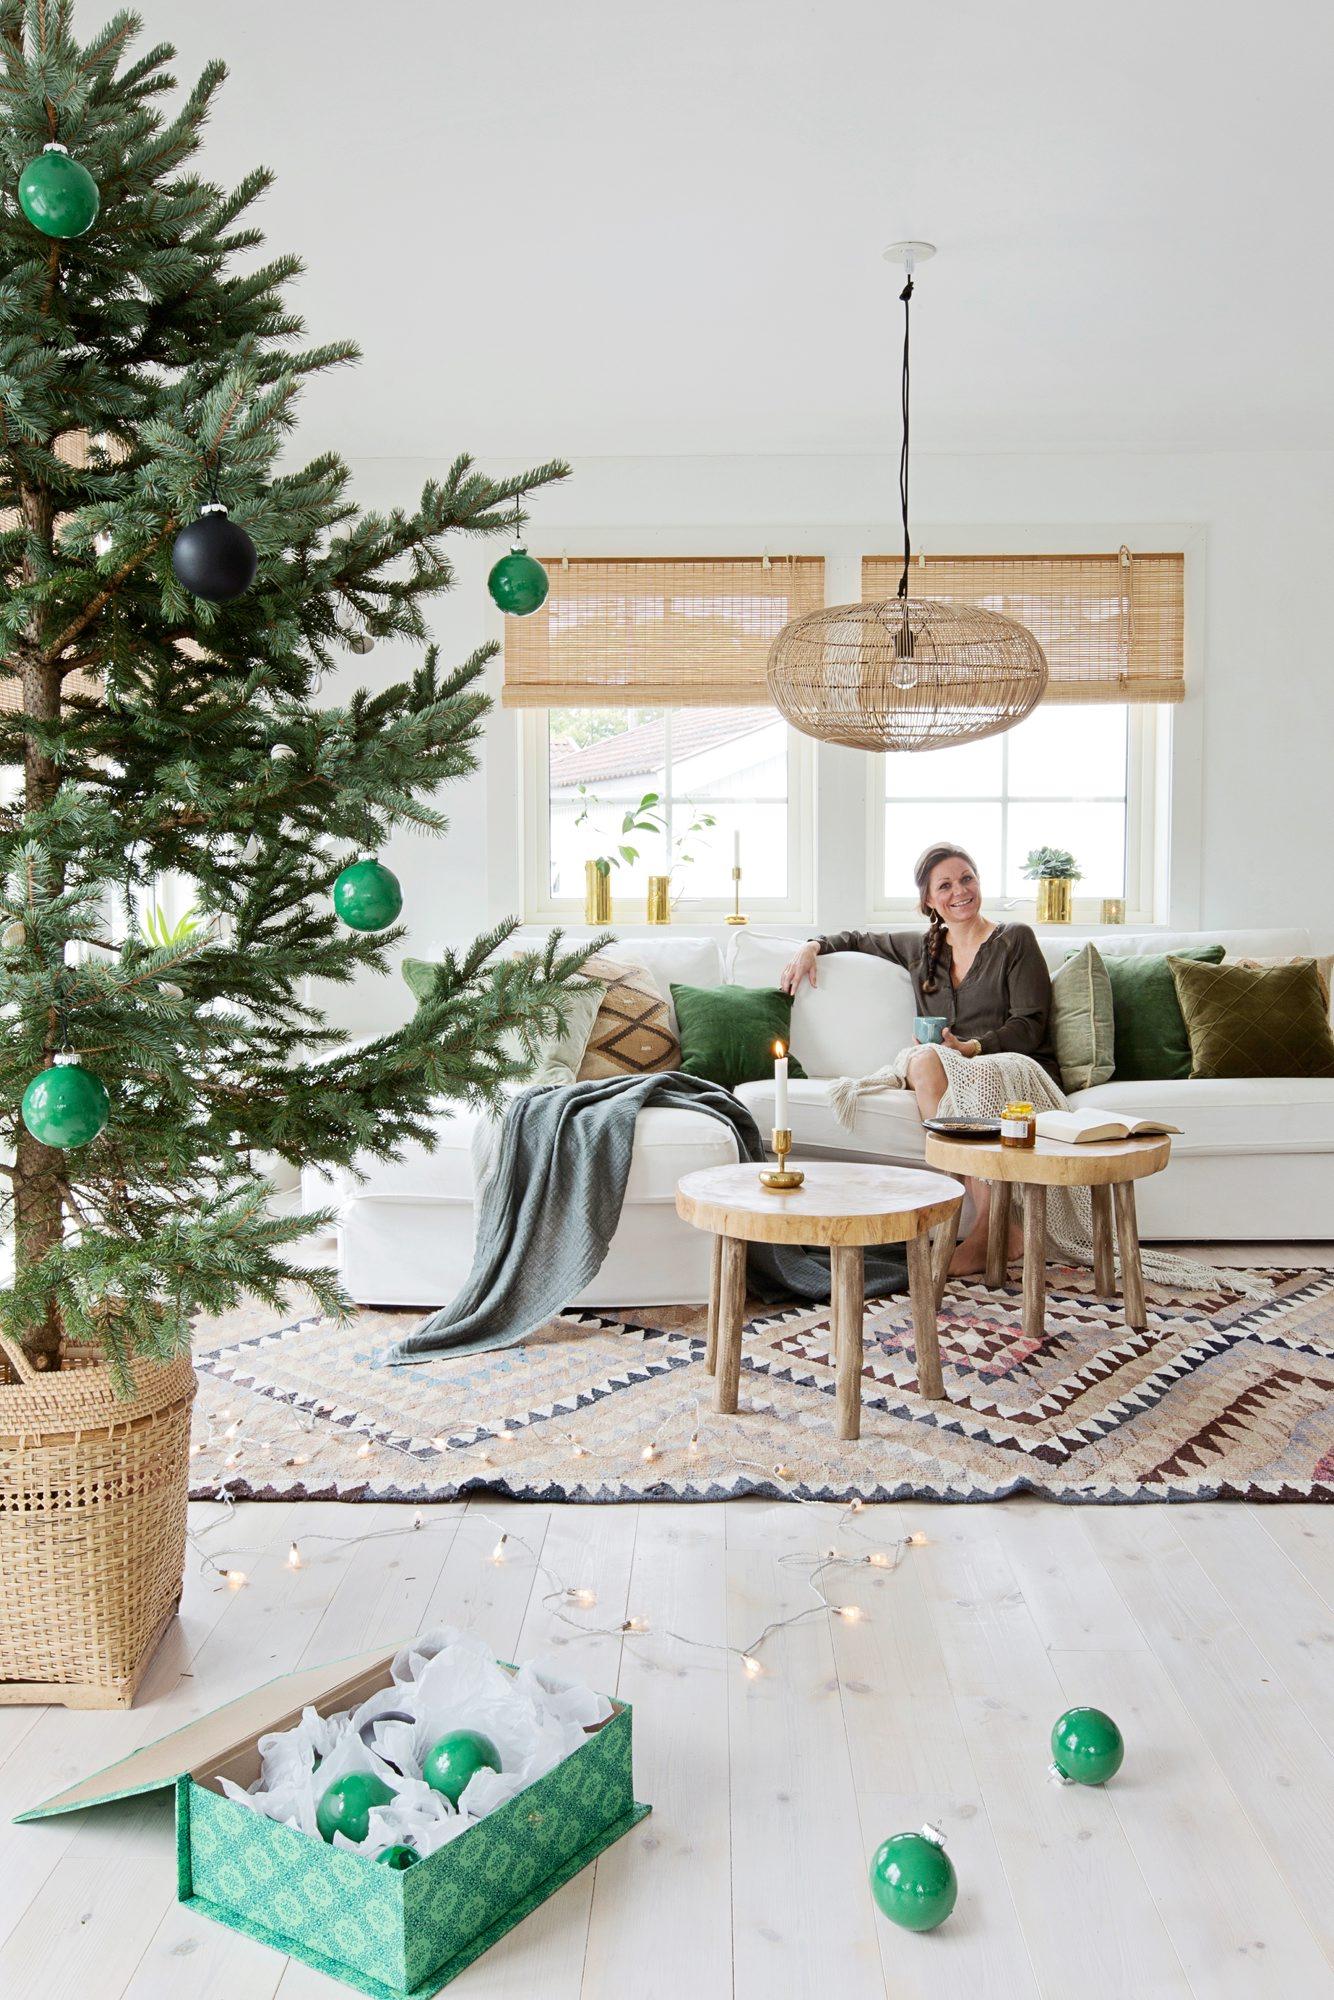 I sofaen fra Ikea ligger puter fra Ellos, Anouska og Kremmerhuset. Sofabordene er fra Palma, gulvteppet fra lauritz.com, og kurvlampen i taket fra Anouska. Messingstakene i vinduet er arvegods. Edelgranen er pyntet med grønn- og svartmalte julekuler. Treet står i en kurv fra Anouska. Den grønnmønstrete esken er fra Verket Interiør. FOTO: Jorunn Tharaldsen